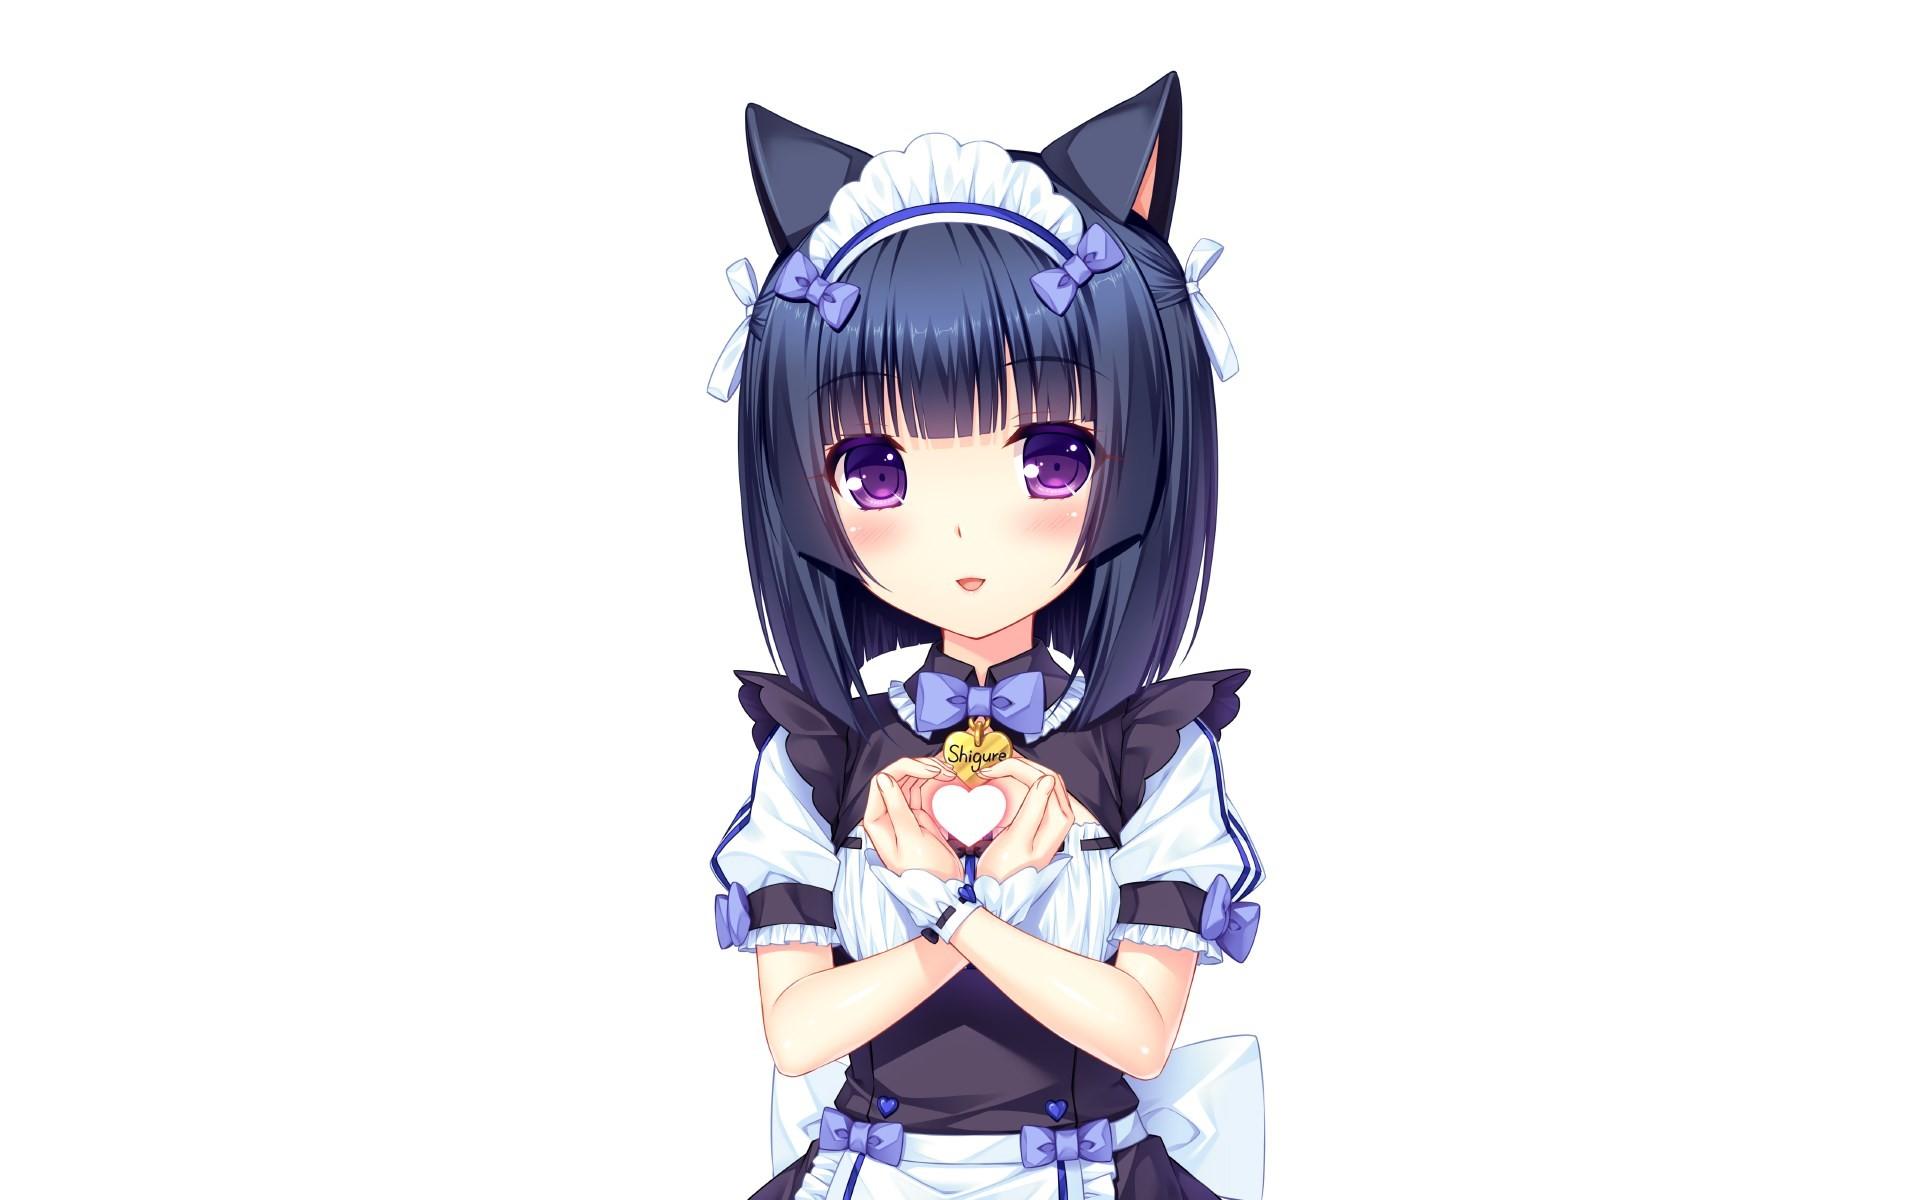 giphy.gif (480×270)   Nekopara   Pinterest   Anime, Monster girl and Chibi